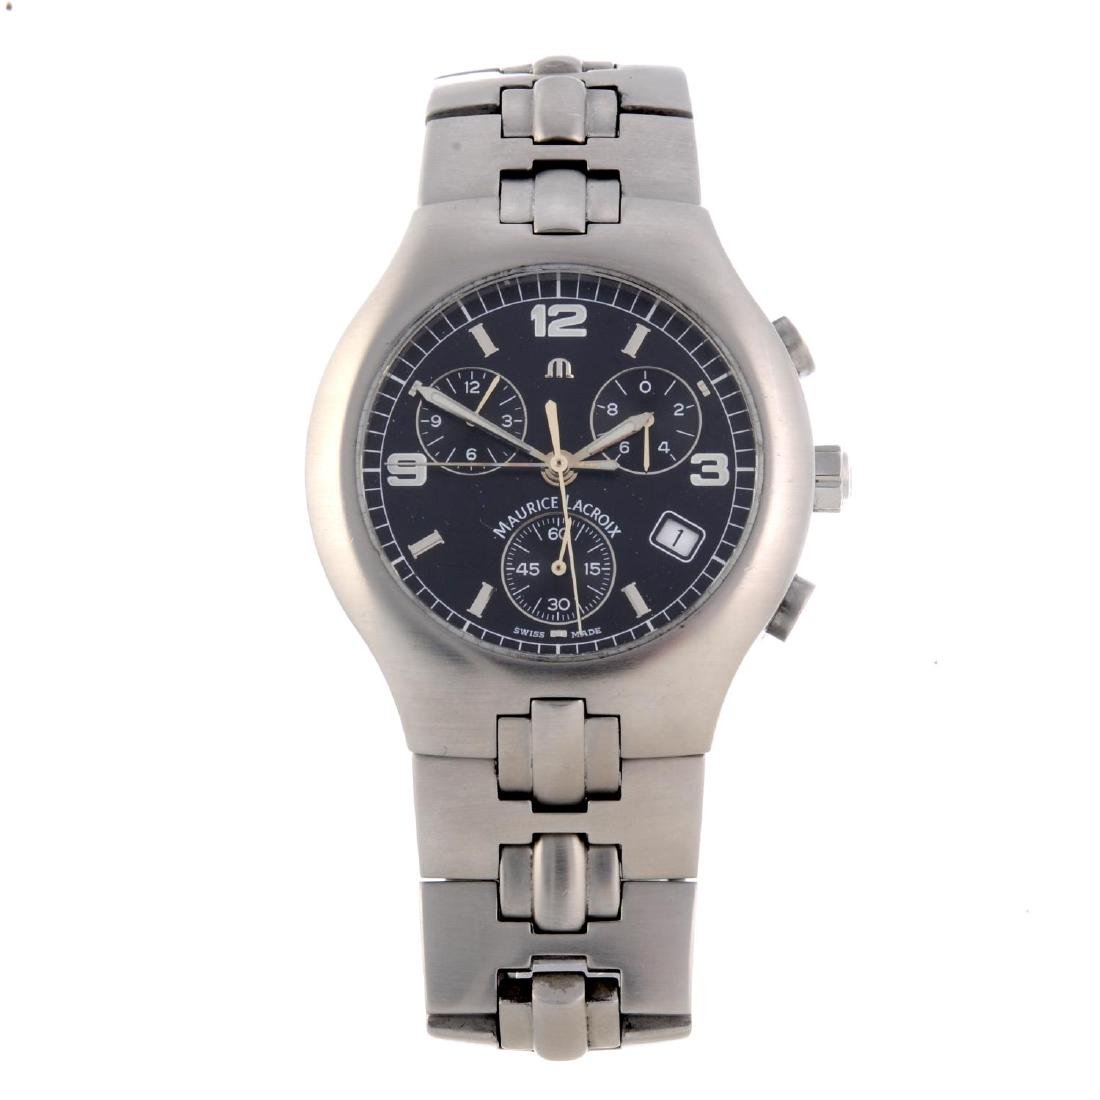 MAURICE LACROIX - a gentleman's chronograph bracelet